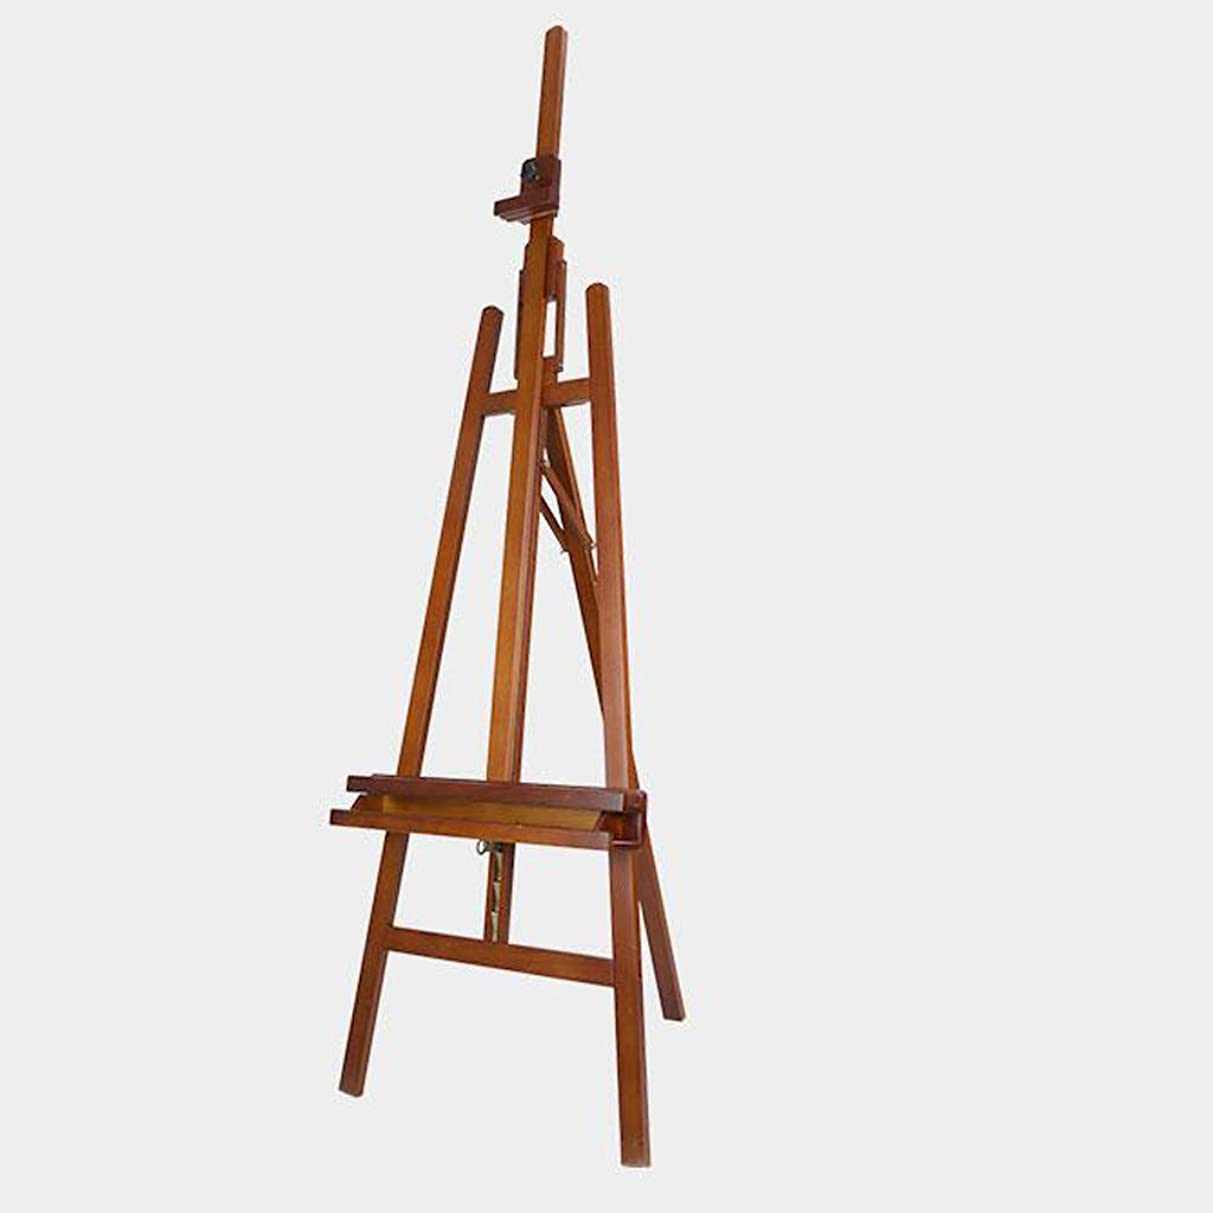 傾く苦悩無条件Yxsd 多機能の純木のイーゼル、調節可能なマルチアングル、屋内での使用に適した、クルミ色